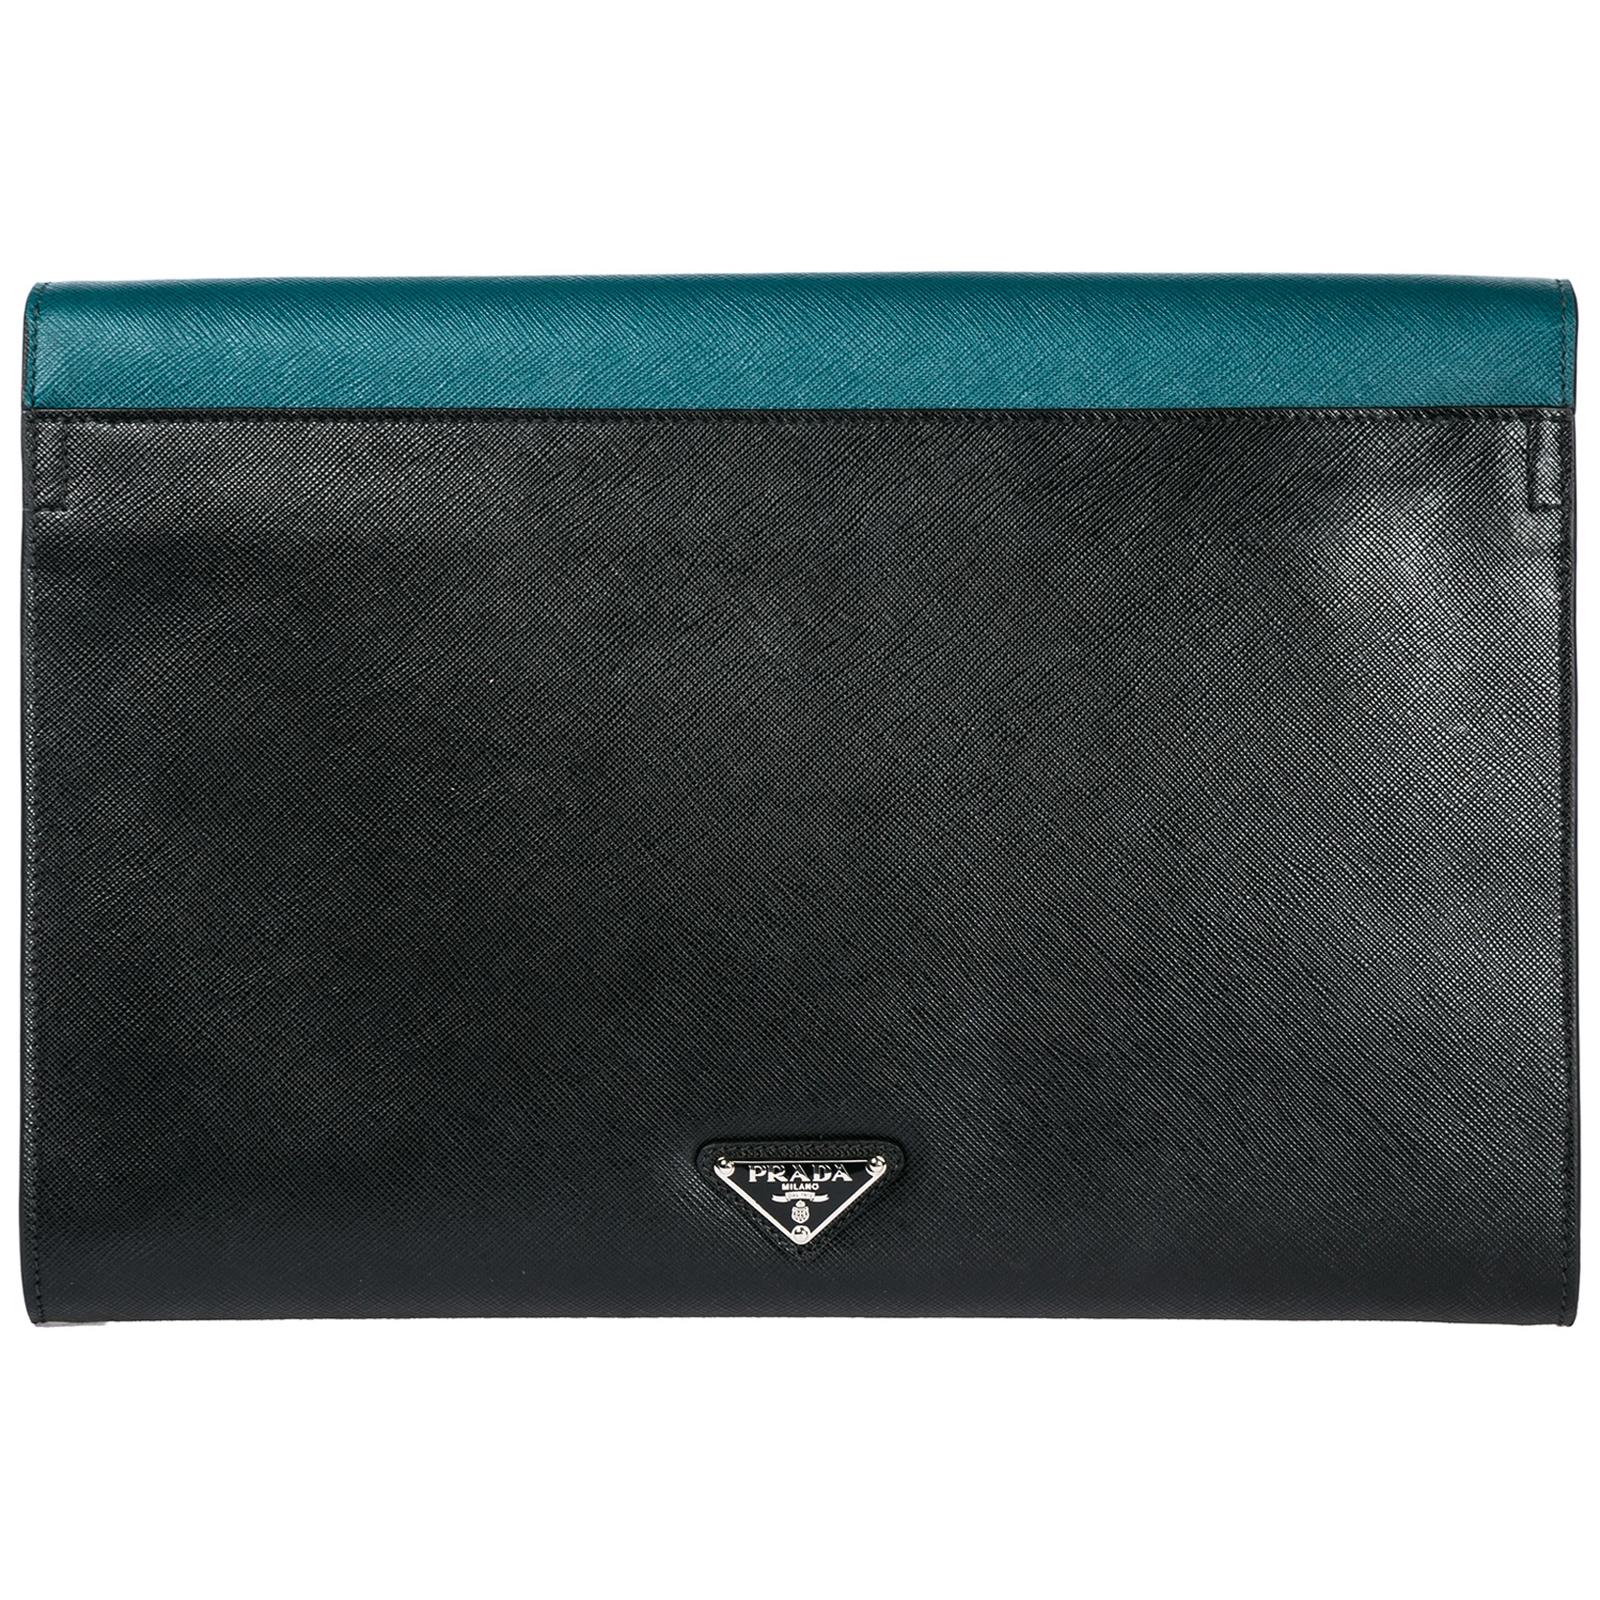 291816a542a5 Men's bag handbag genuine leather Men's bag handbag genuine leather ...